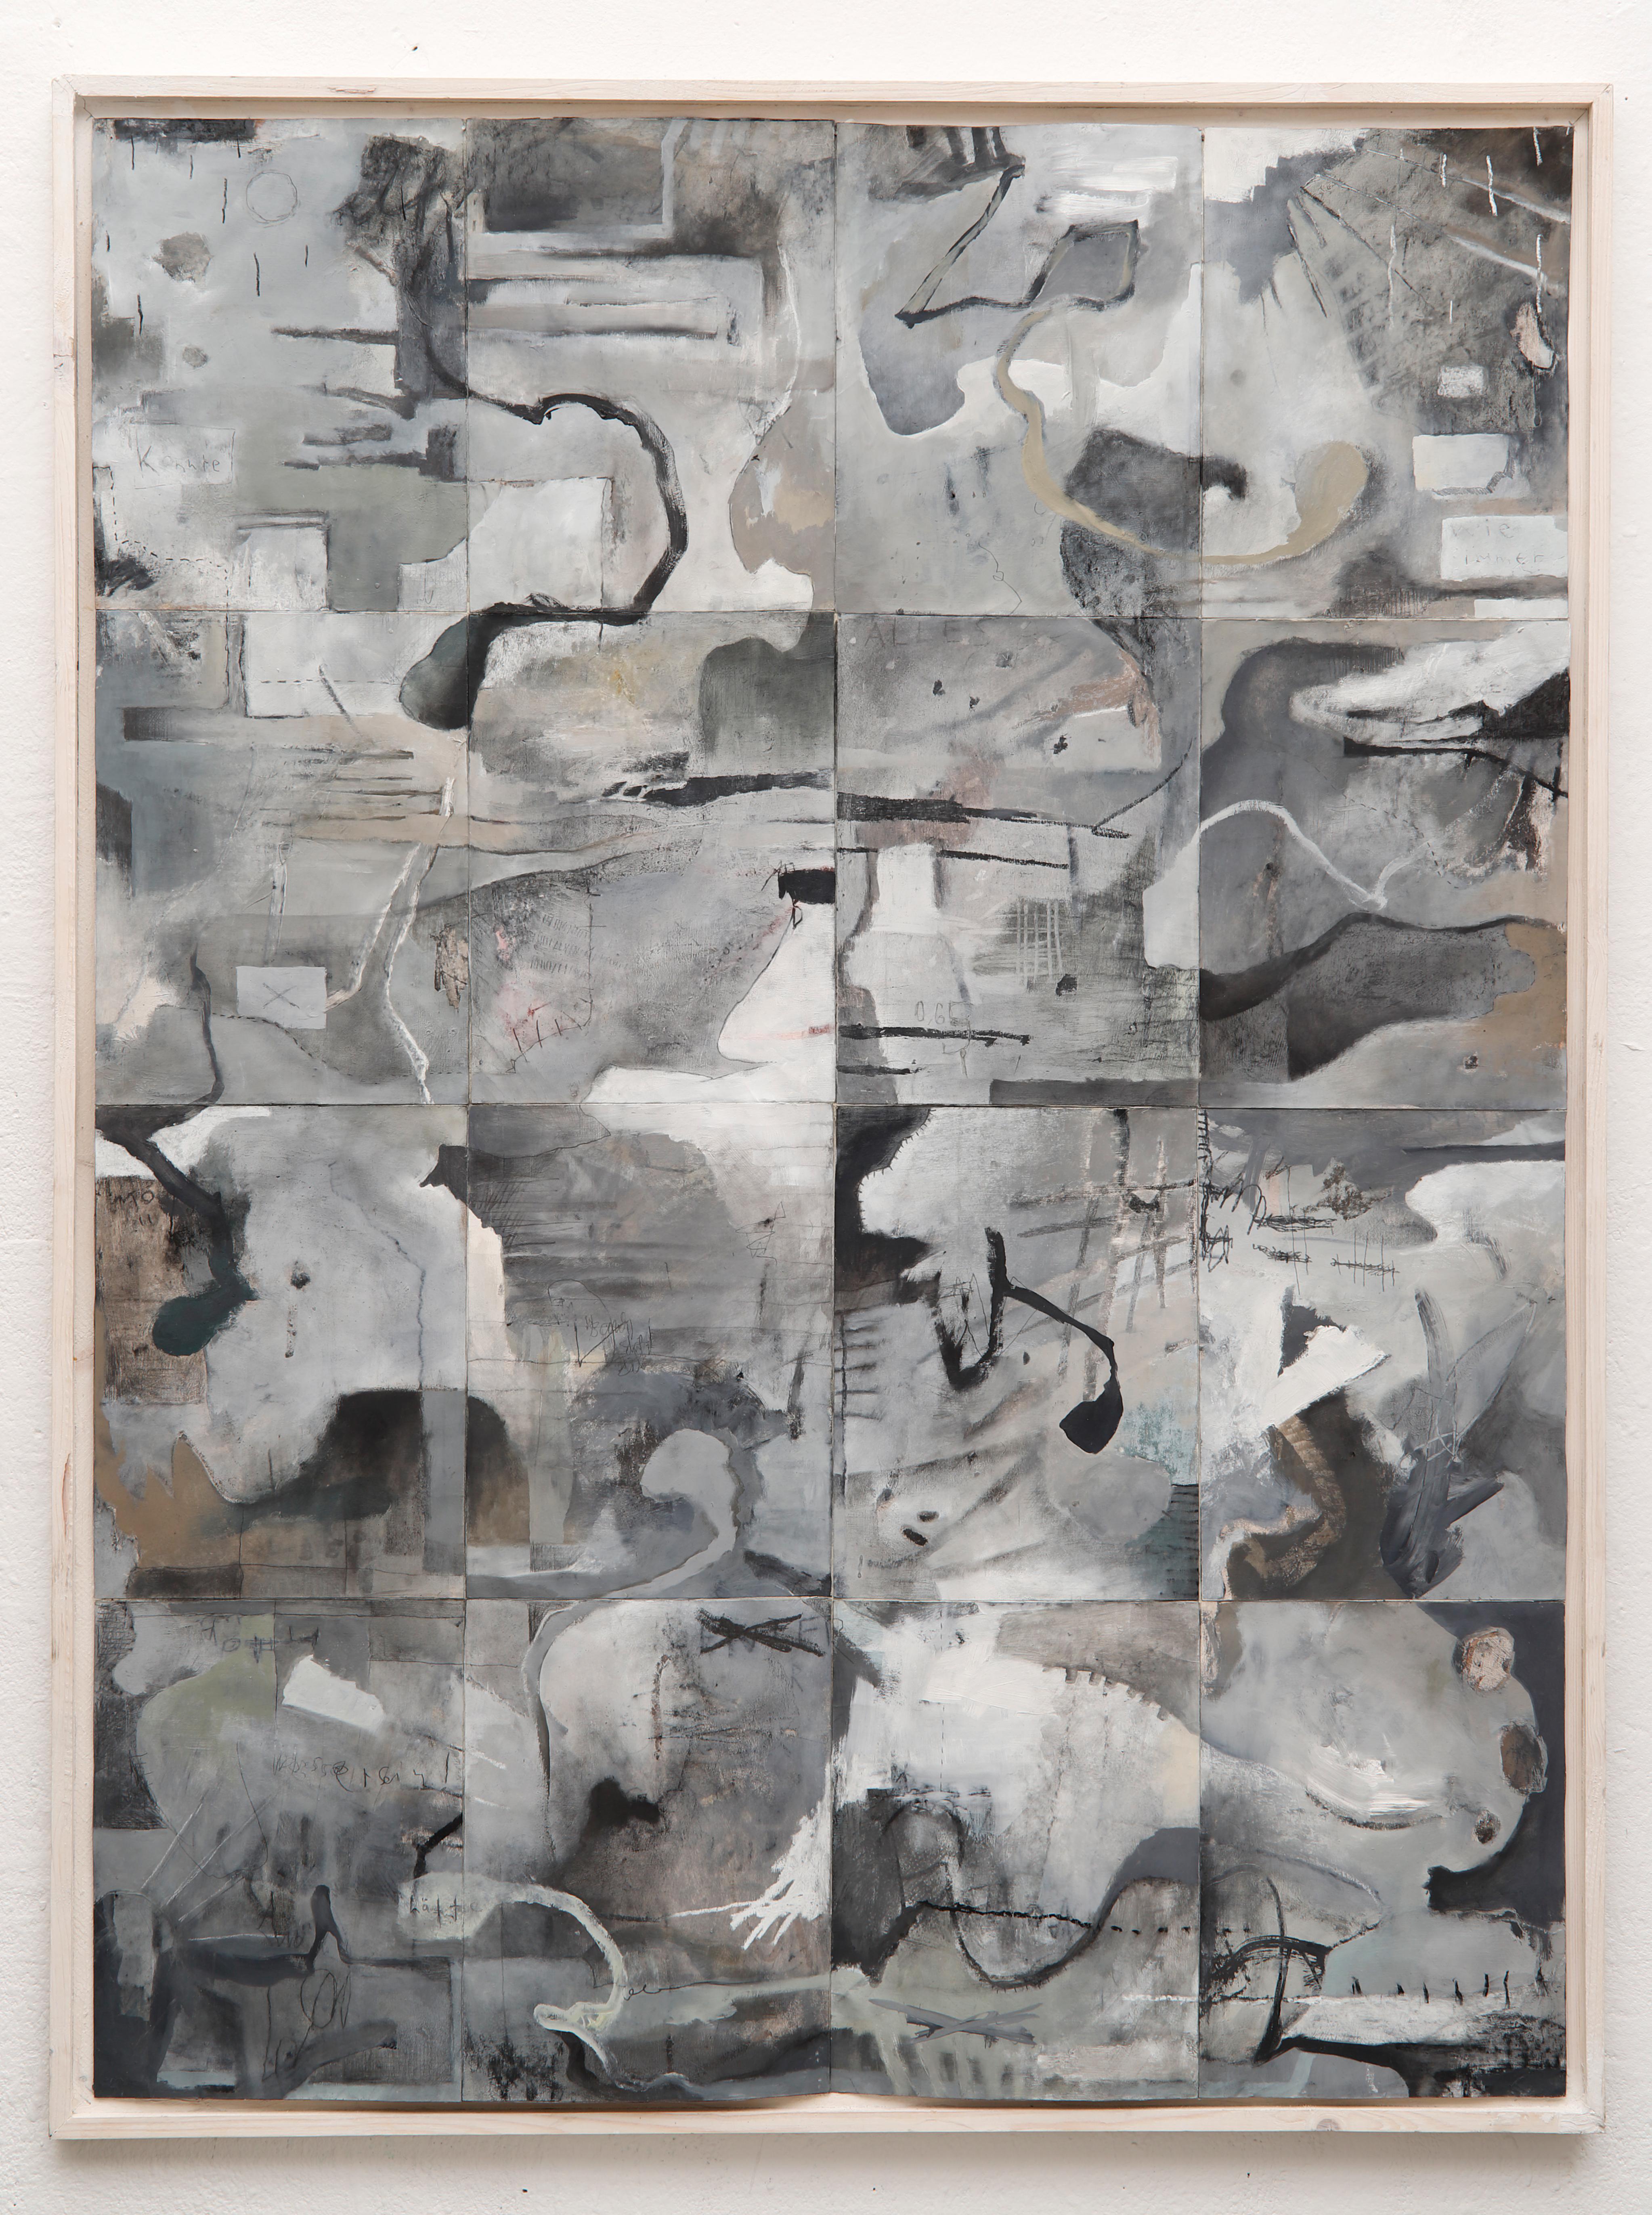 Fabian Hub, fabianhub, Hub, Berlin, Operndorf Afrika, Burkina Faso, painting